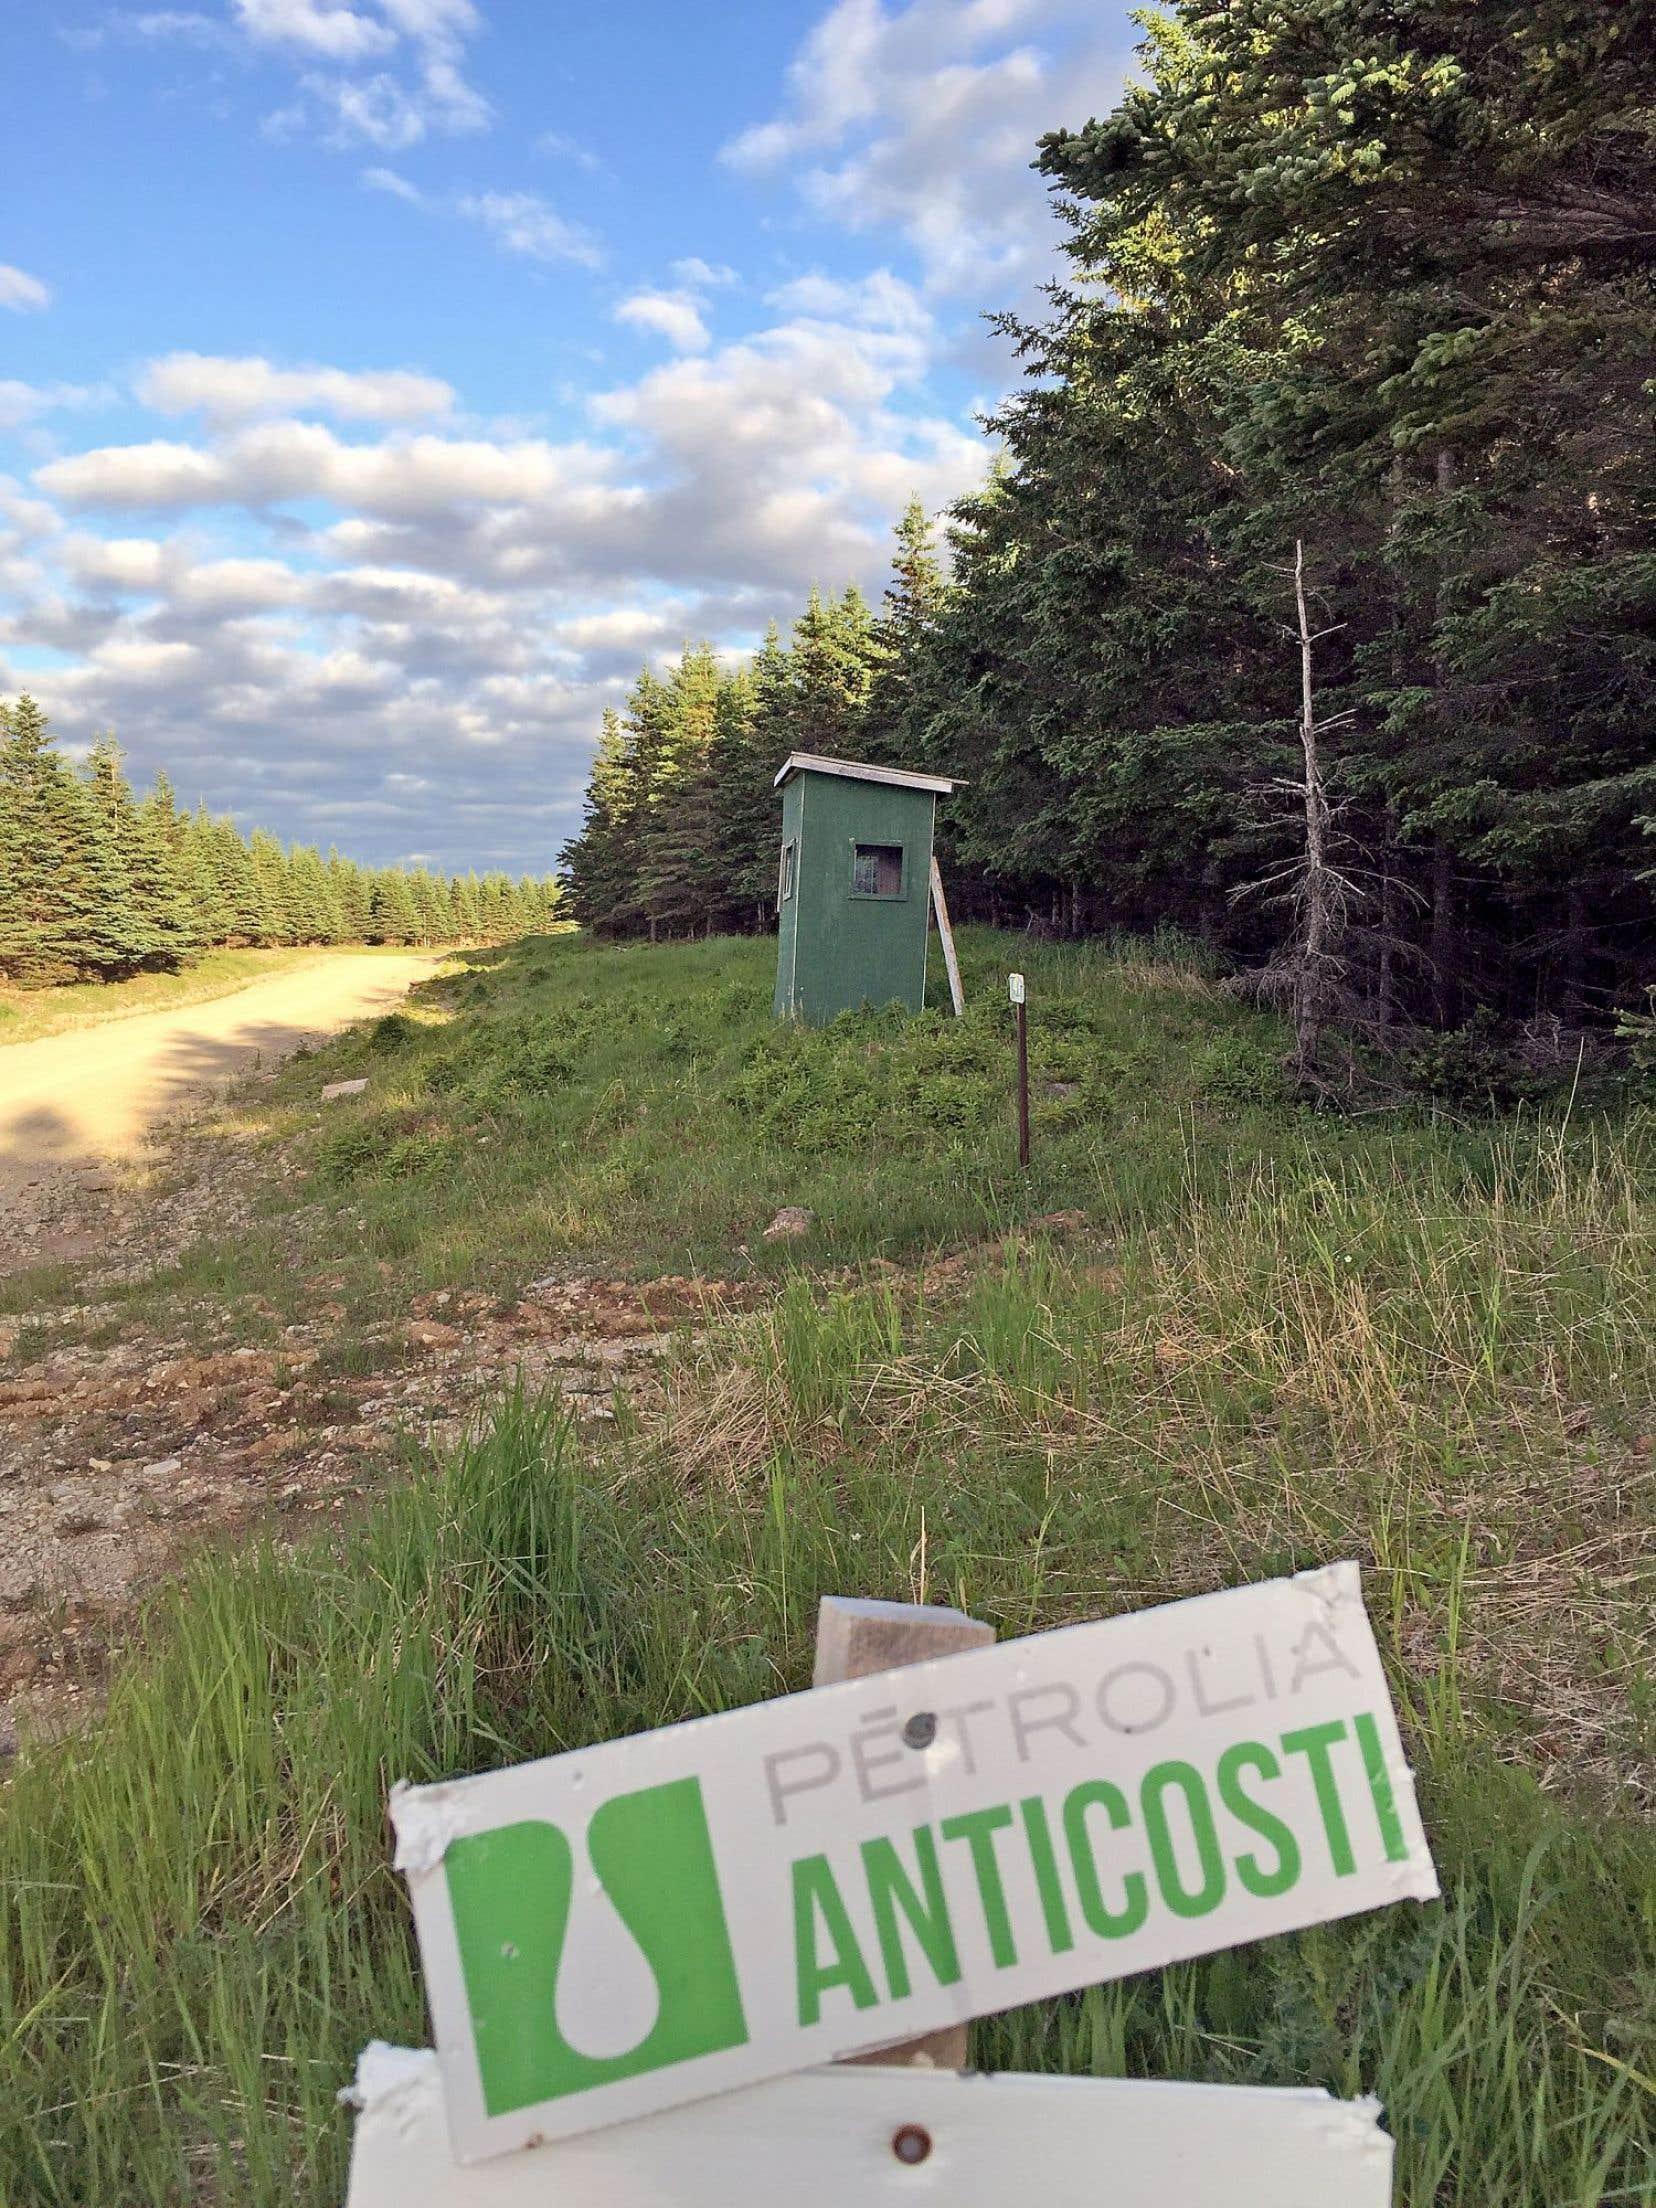 Le gouvernement a autorisé récemment Hydrocarbures Anticosti à réaliser trois forages avec fracturation sur l'île. Ces travaux financés majoritairement par l'État québécois doivent débuter cet été, pour être achevés en 2017. C'est l'opérateur des travaux sur le terrain, l'entreprise Pétrolia, qui dirigera les opérations.